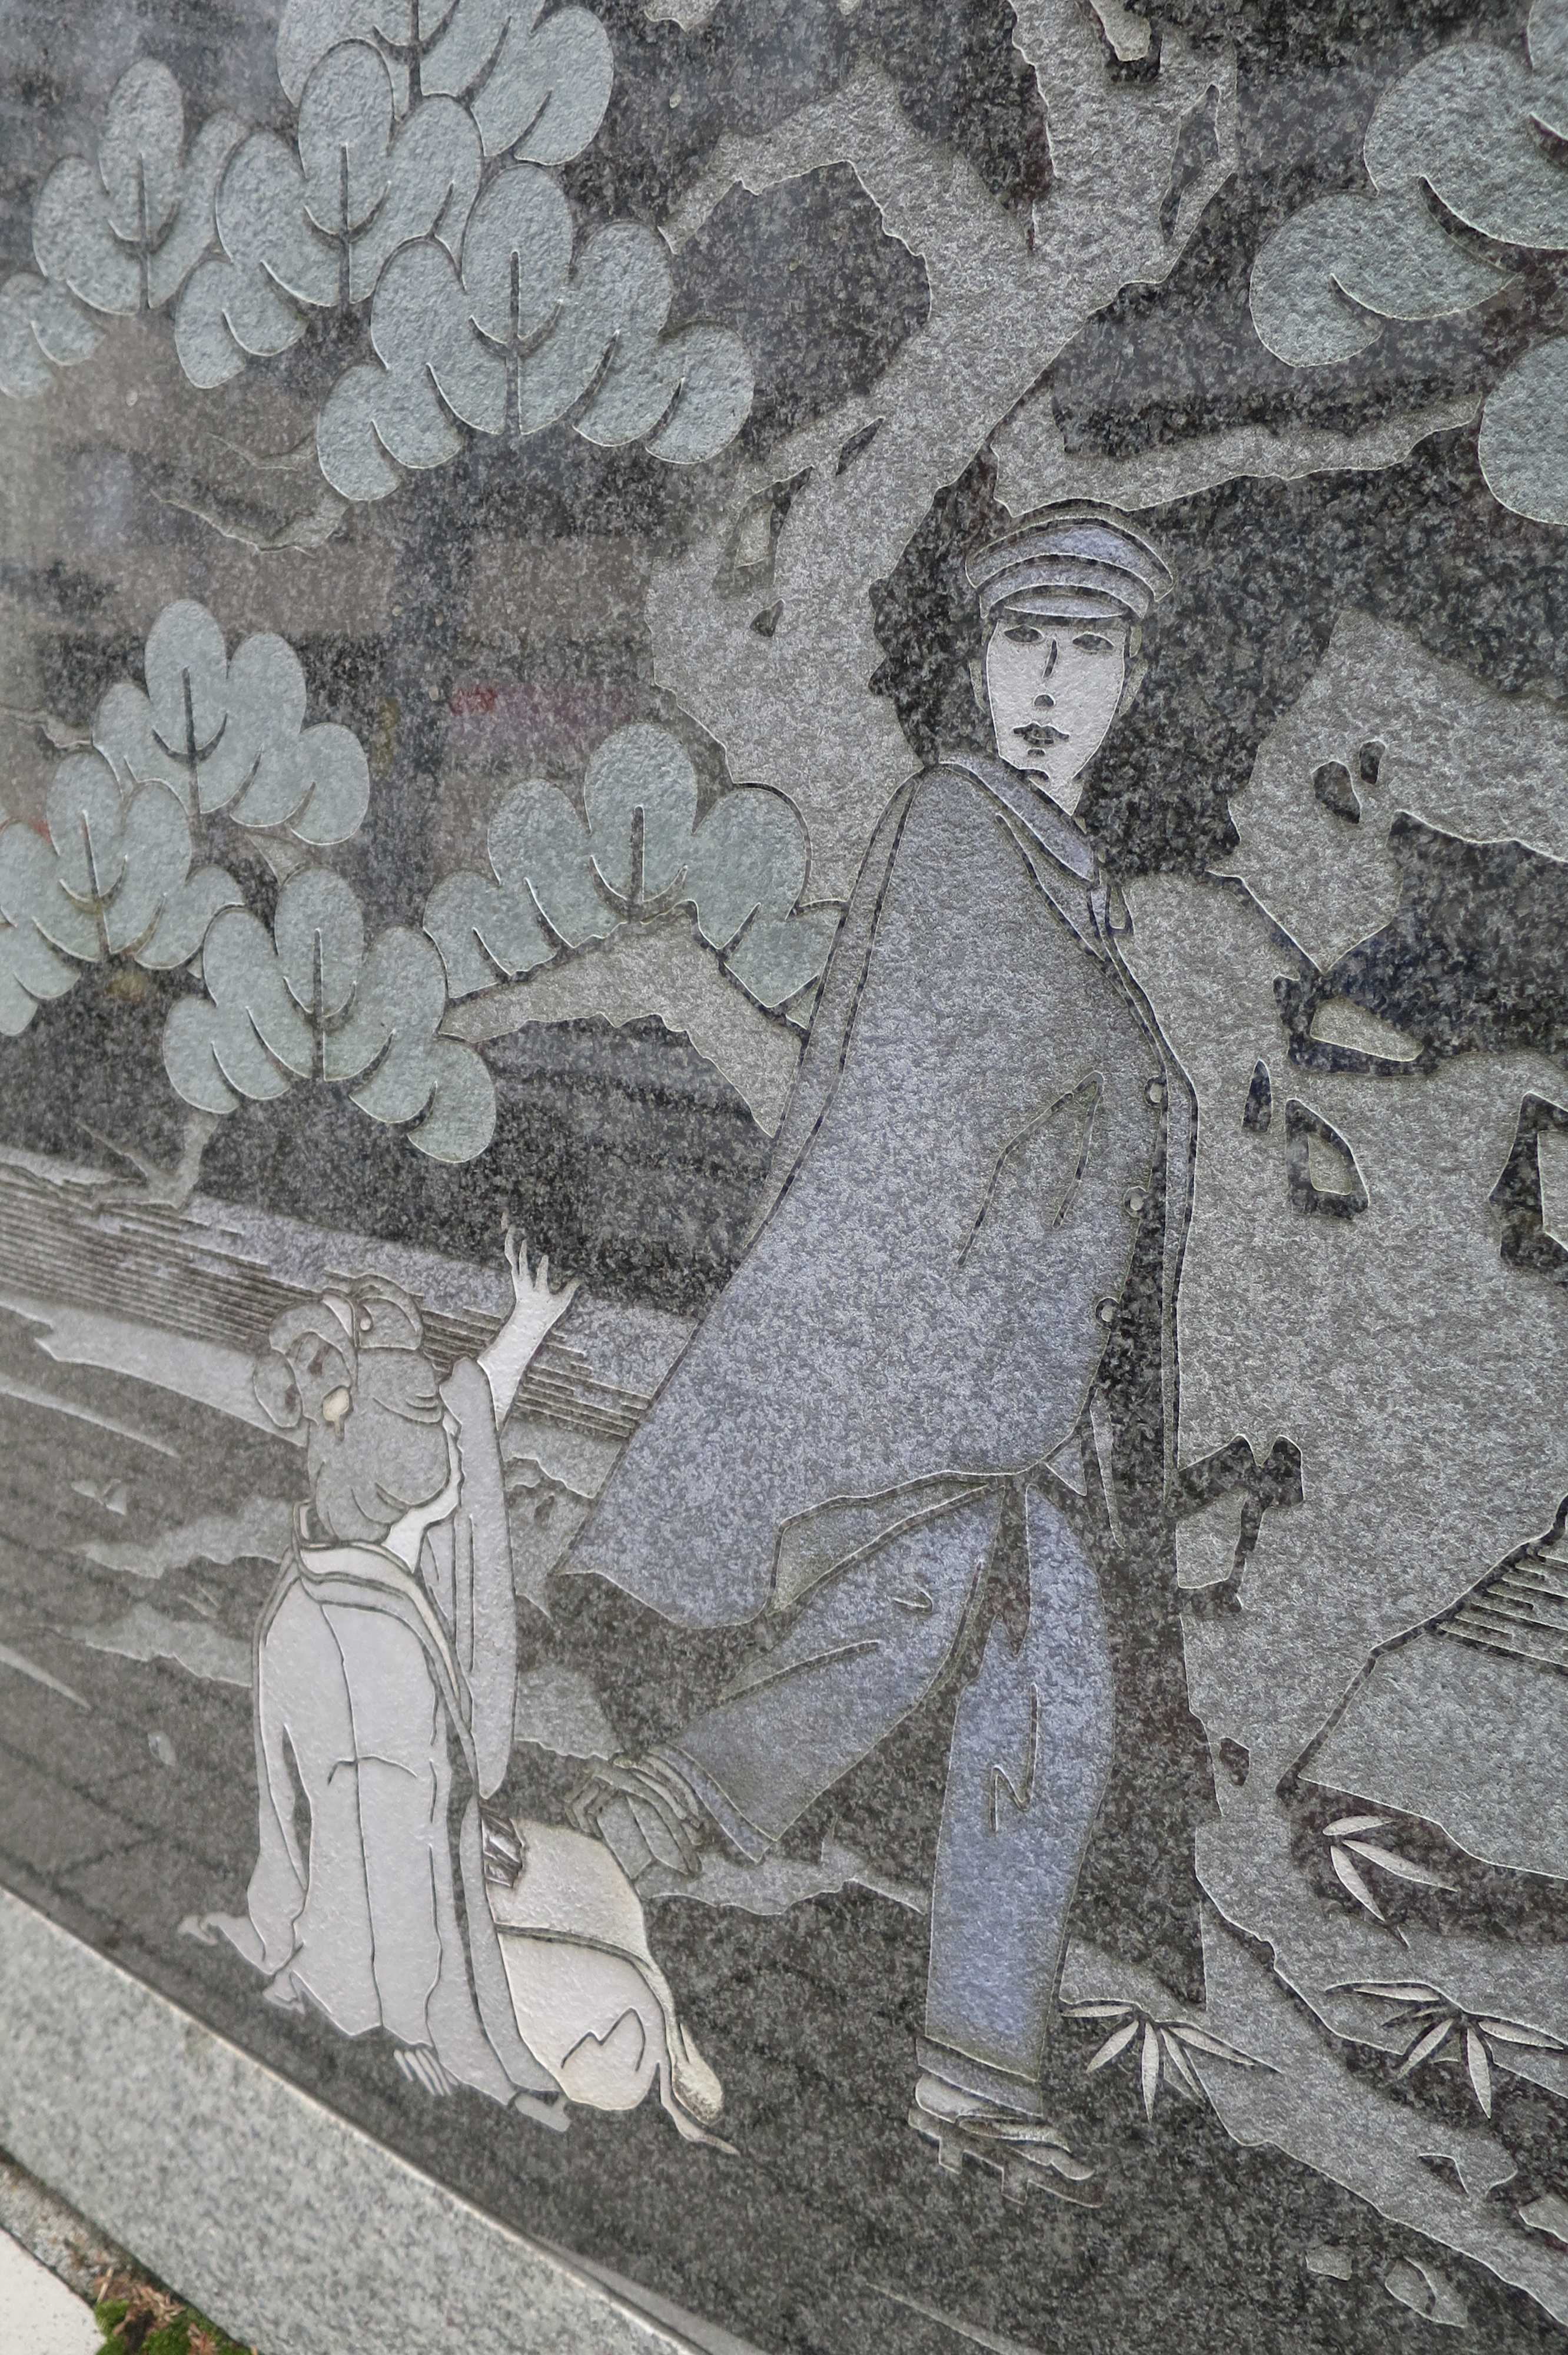 熱海 - 尾崎紅葉の名作「金色夜叉」の名場面